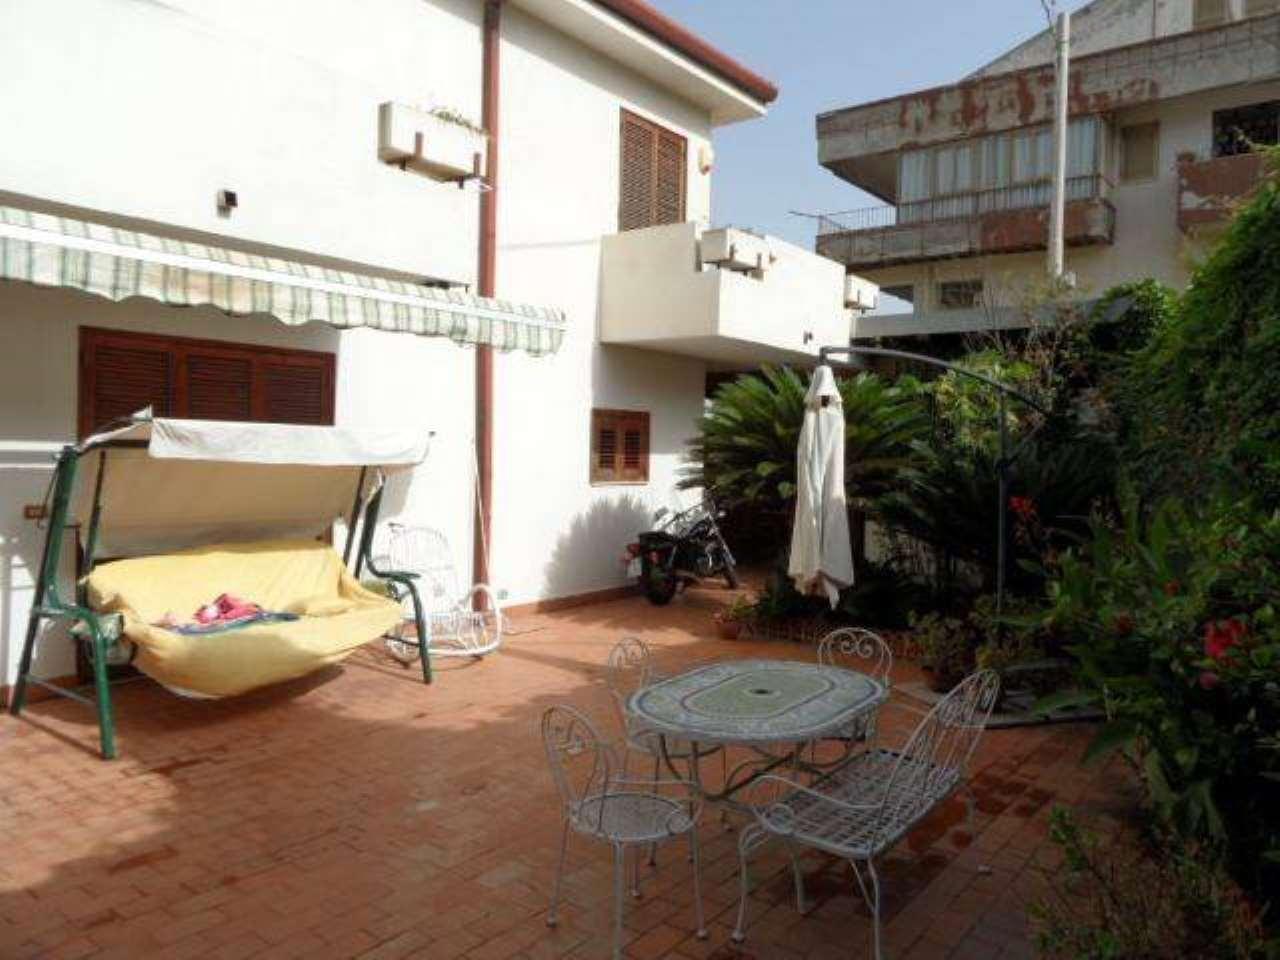 Villa in vendita a Messina, 6 locali, prezzo € 229.000 | CambioCasa.it